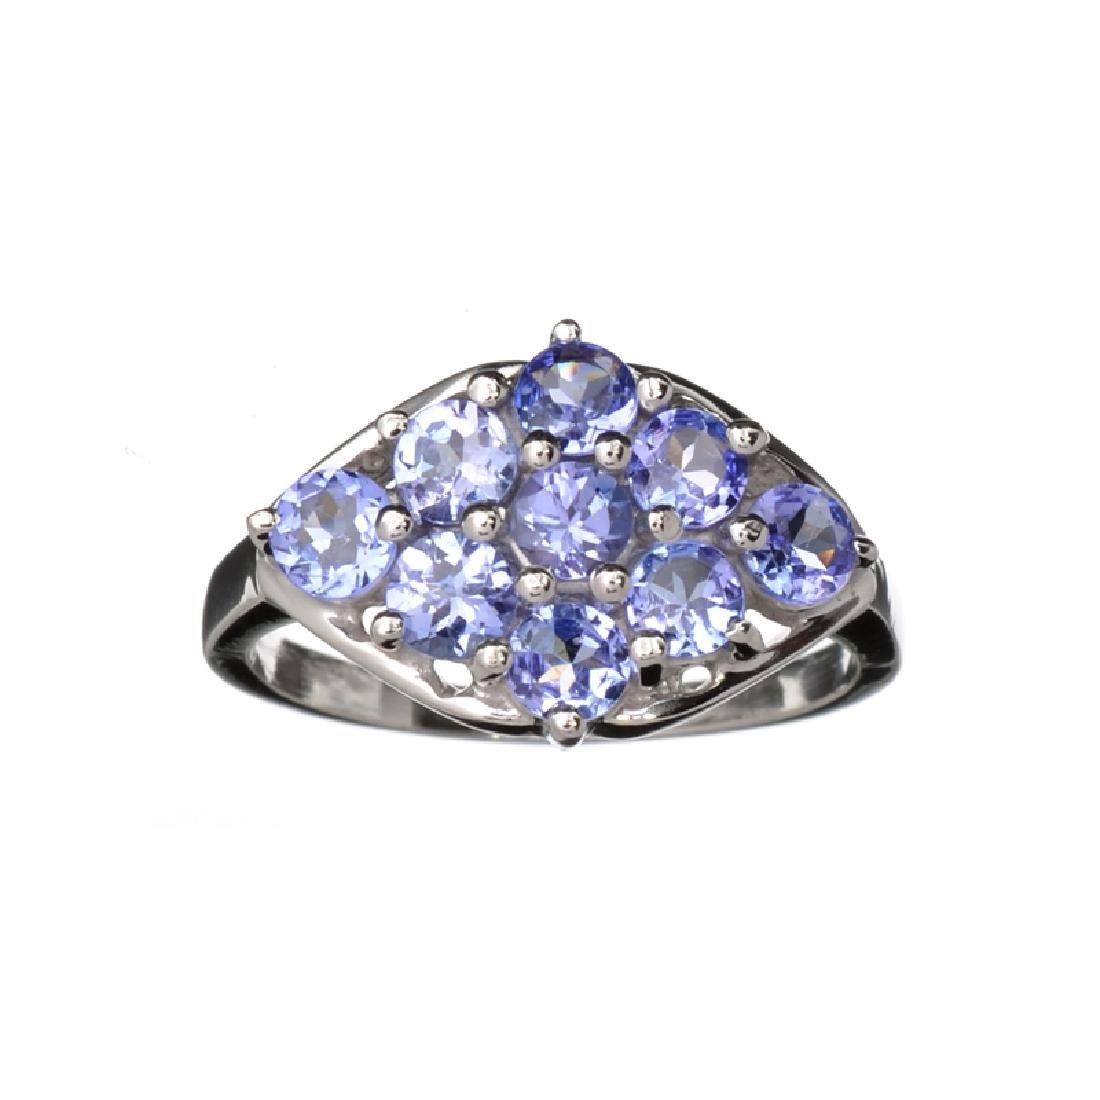 Designer Sebastian 1.80CT Oval Cut Violet Blue